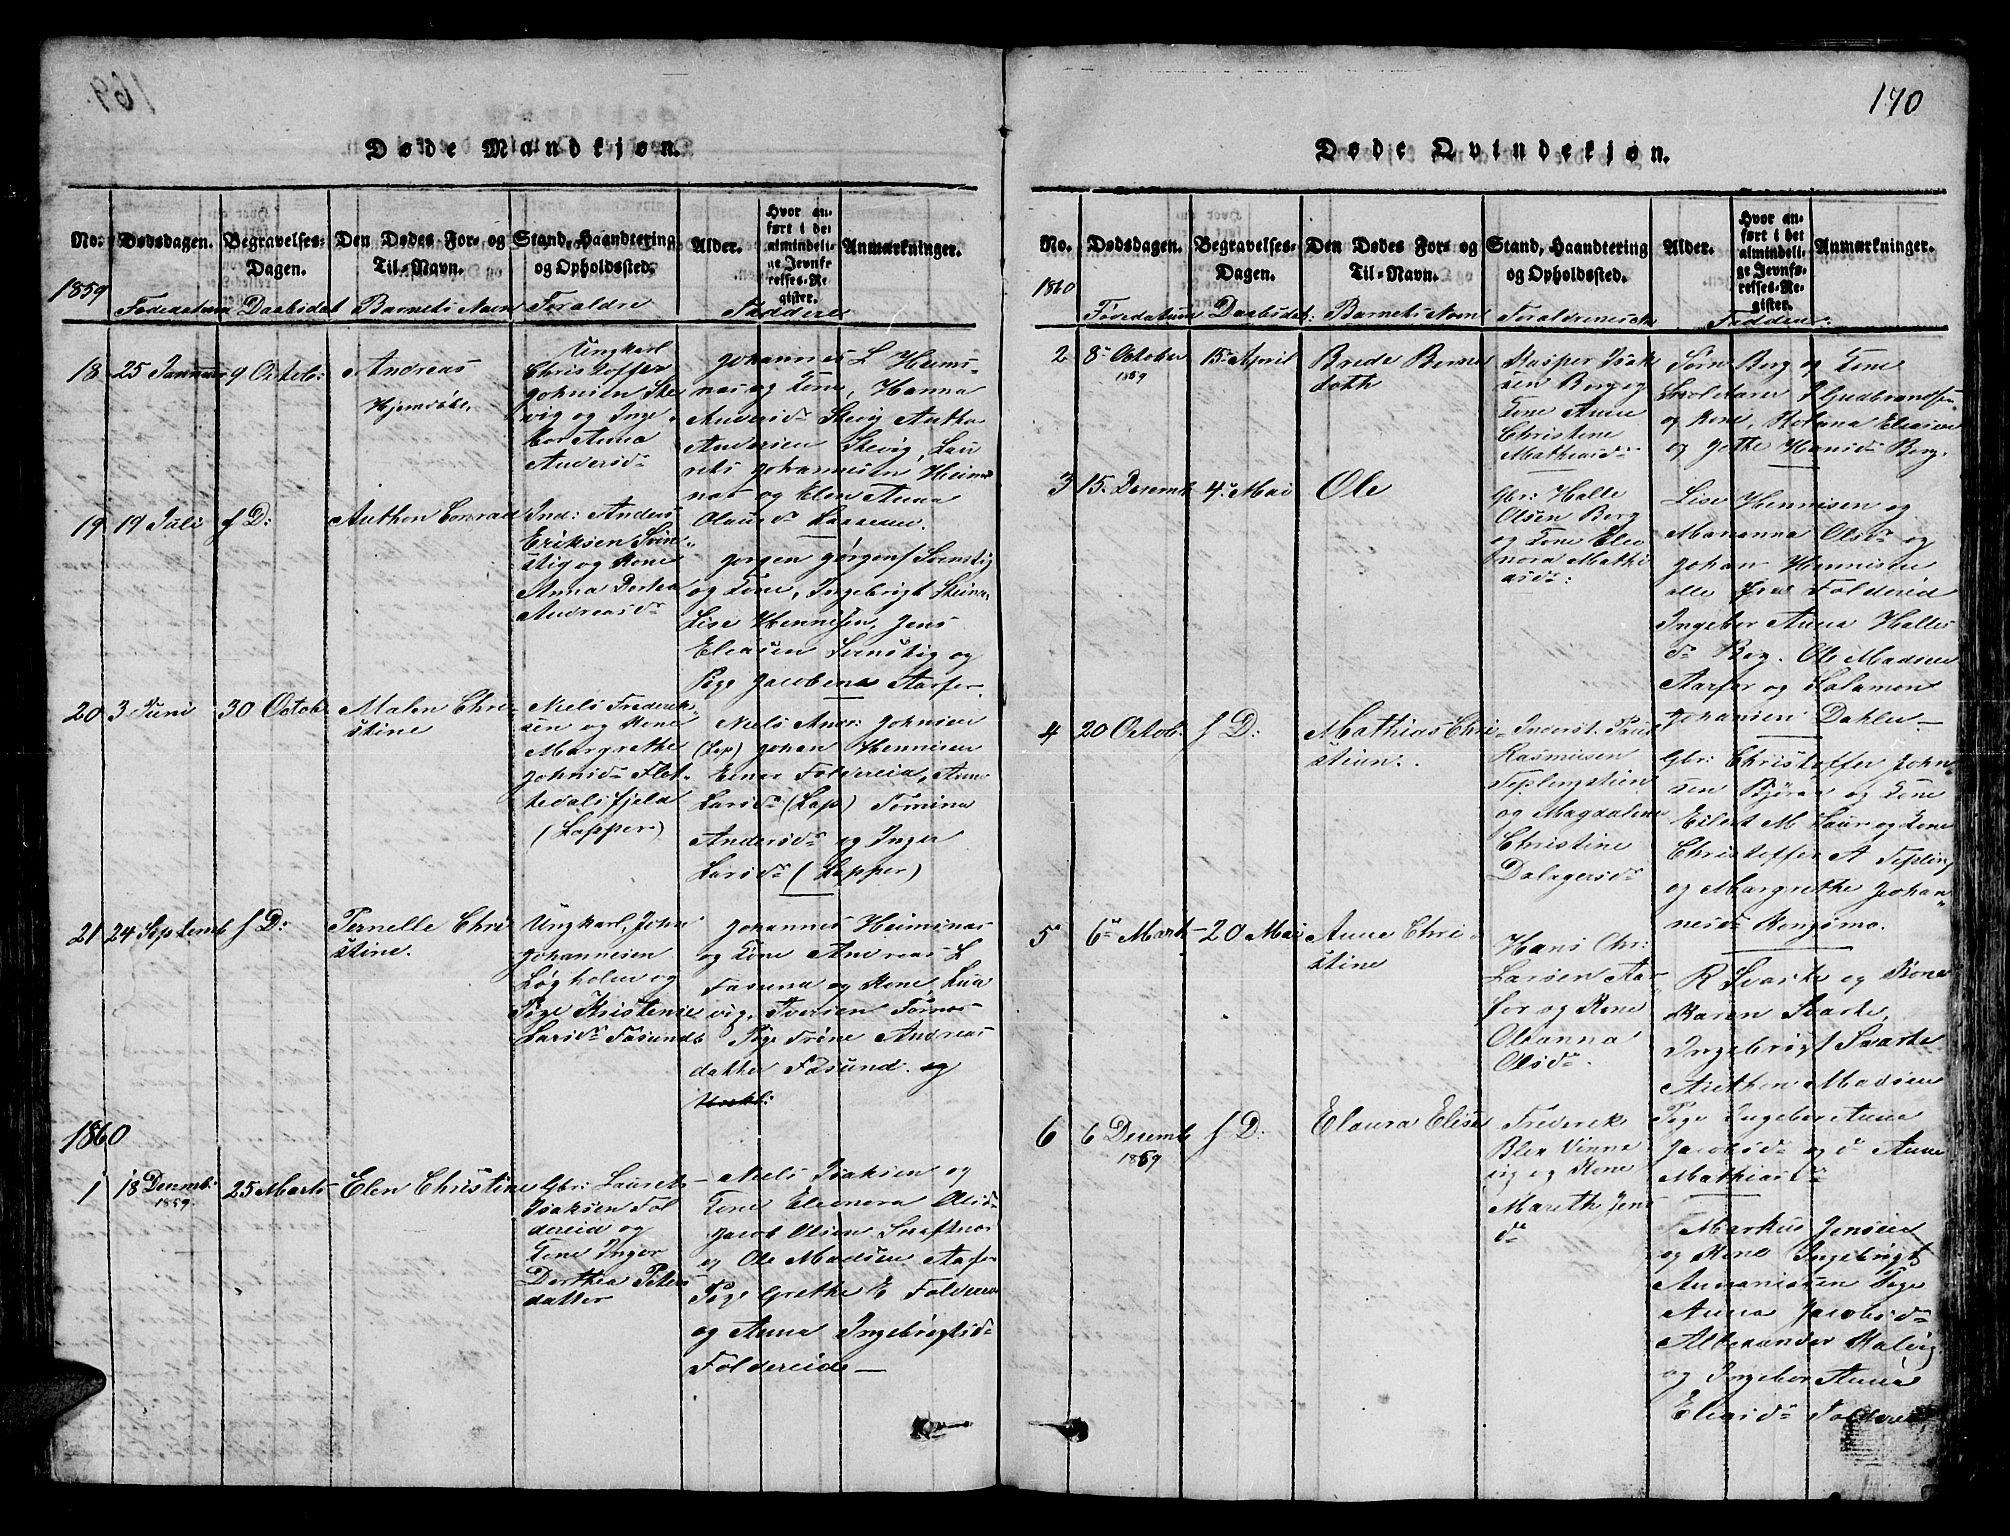 SAT, Ministerialprotokoller, klokkerbøker og fødselsregistre - Nord-Trøndelag, 780/L0648: Klokkerbok nr. 780C01 /3, 1815-1877, s. 170